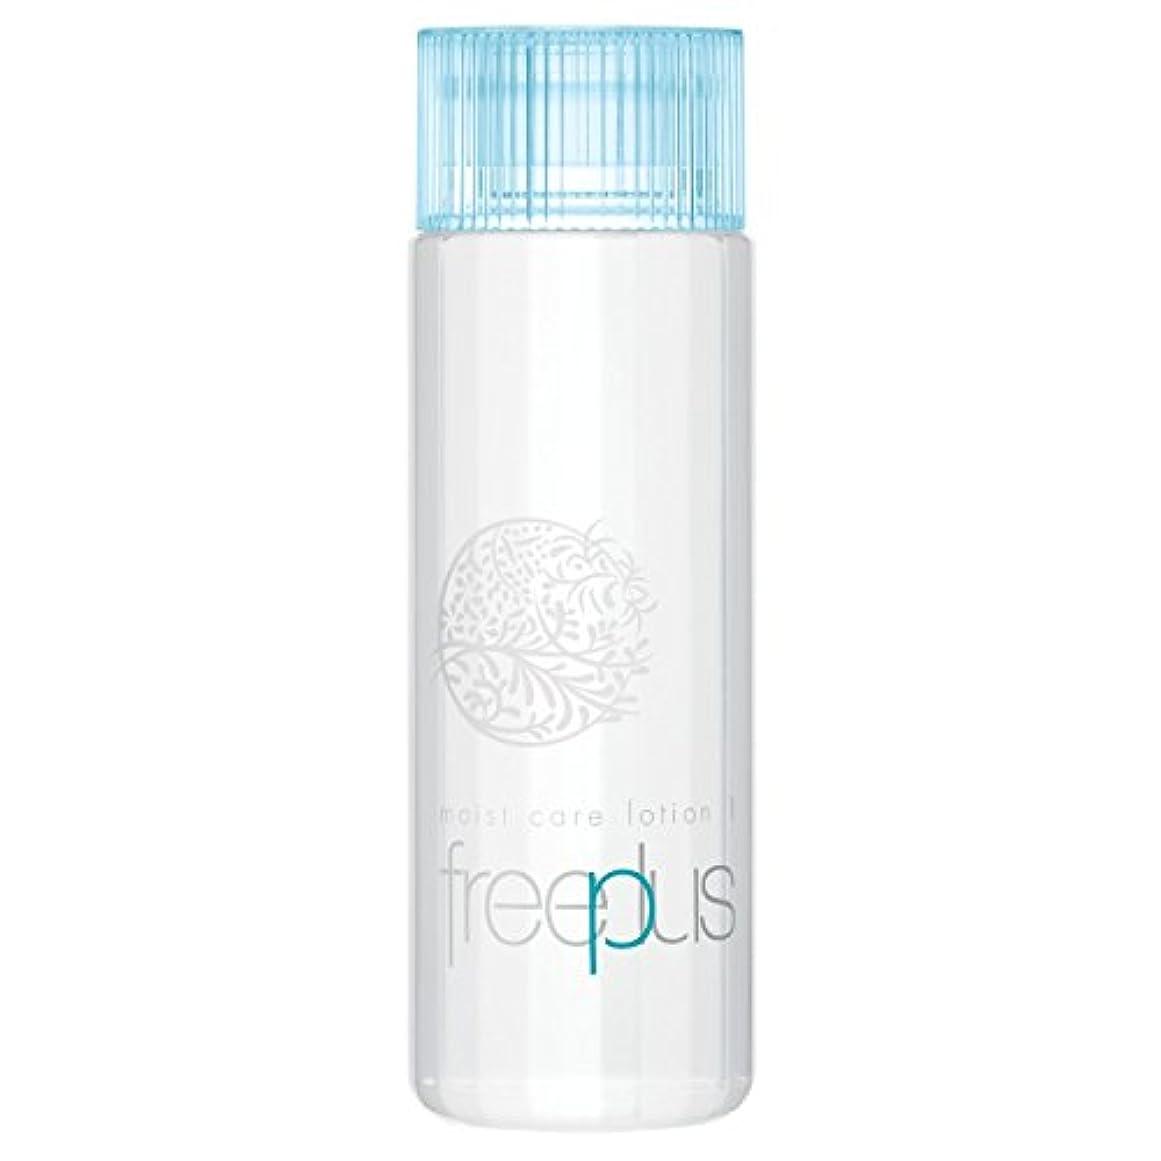 アカデミック時代遅れスマートフリープラス モイストケアローション1(さっぱりタイプ)(化粧水)